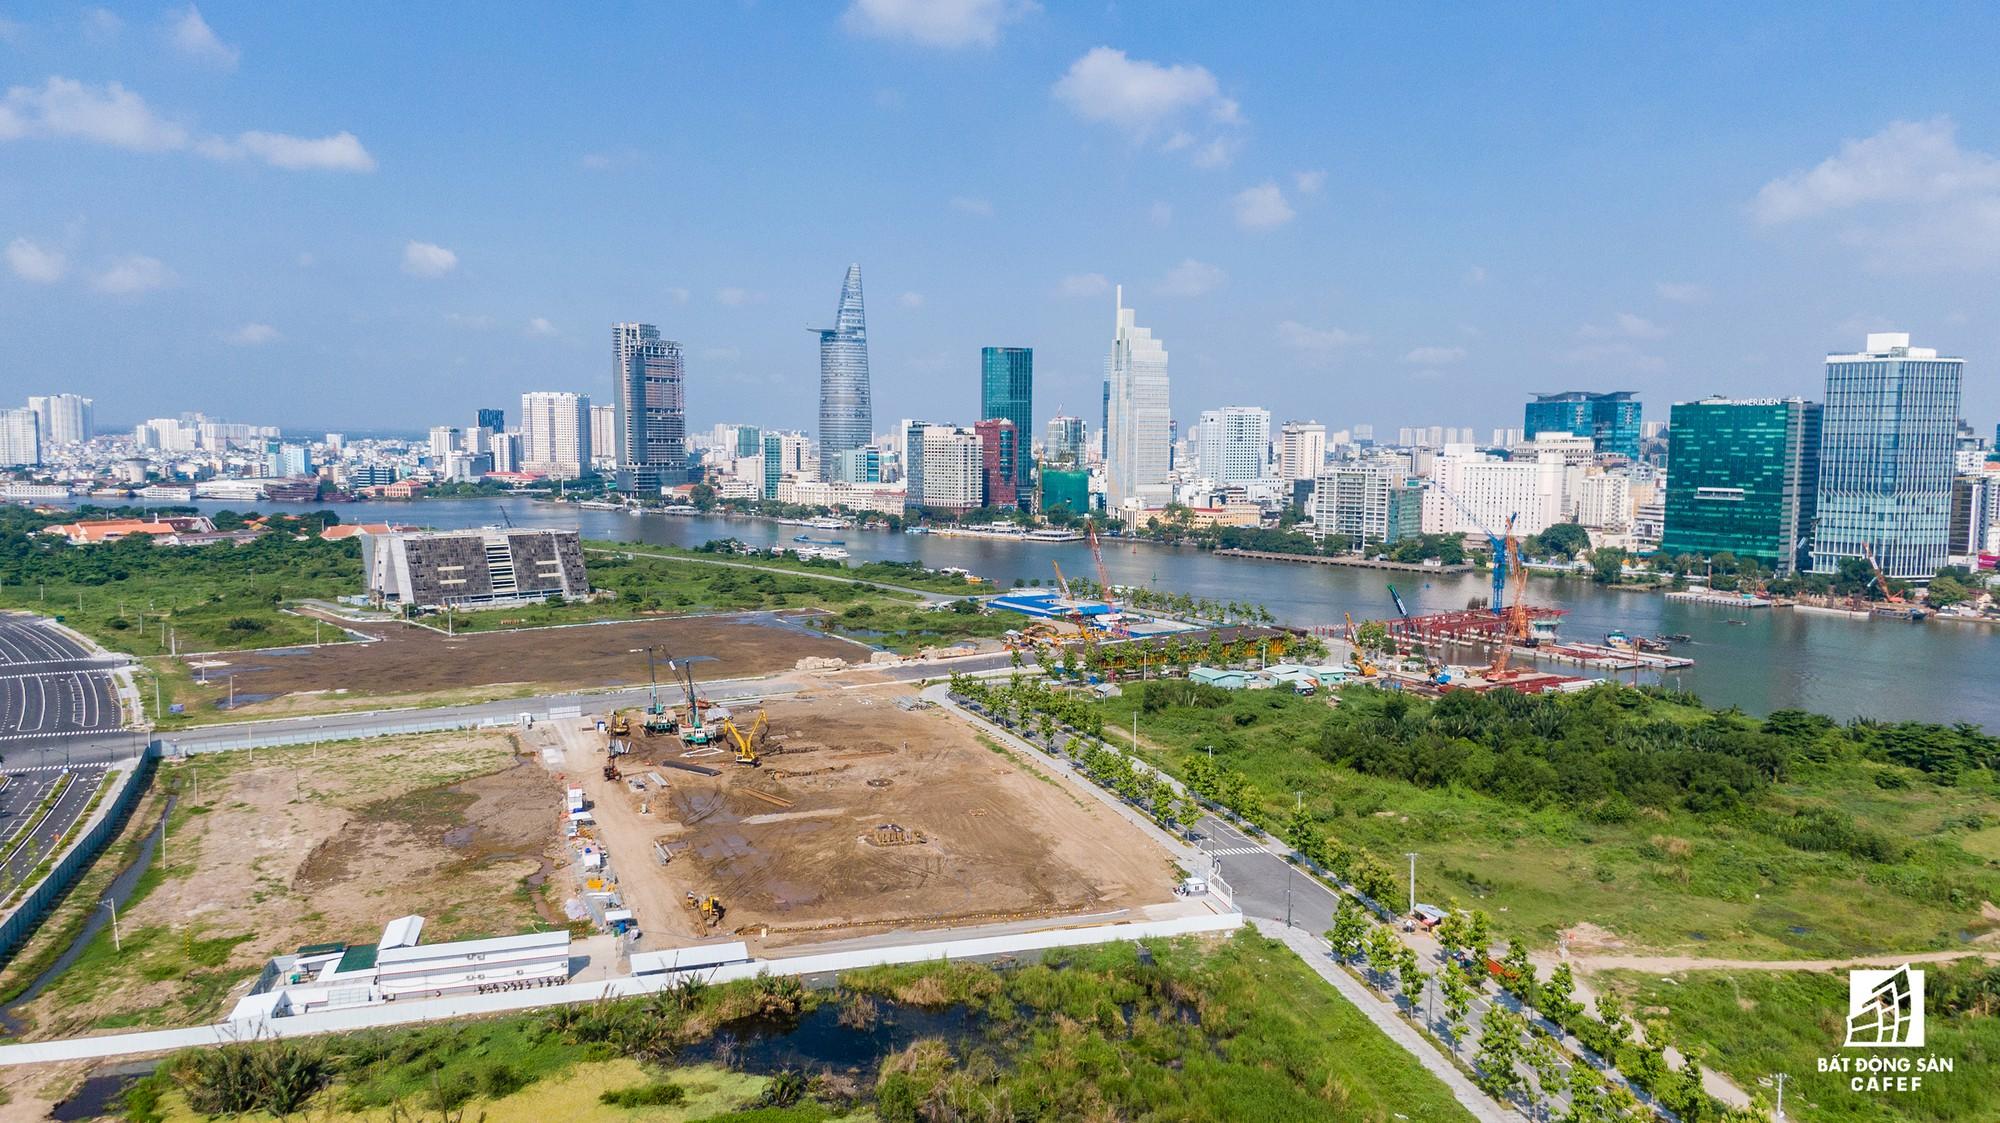 Diện mạo hai bờ sông Sài Gòn tương lai nhìn từ loạt siêu dự án tỷ đô, khu vực trung tâm giá nhà lên hơn 1 tỷ đồng/m2 - Ảnh 12. Diện mạo hai bờ sông Sài Gòn tương lai nhìn từ loạt siêu dự án tỷ đô, khu vực trung tâm giá nhà lên hơn 1 tỷ đồng/m2 Diện mạo hai bờ sông Sài Gòn tương lai nhìn từ loạt siêu dự án tỷ đô, khu vực trung tâm giá nhà lên hơn 1 tỷ đồng/m2 hinh 31 15682750608111196096037